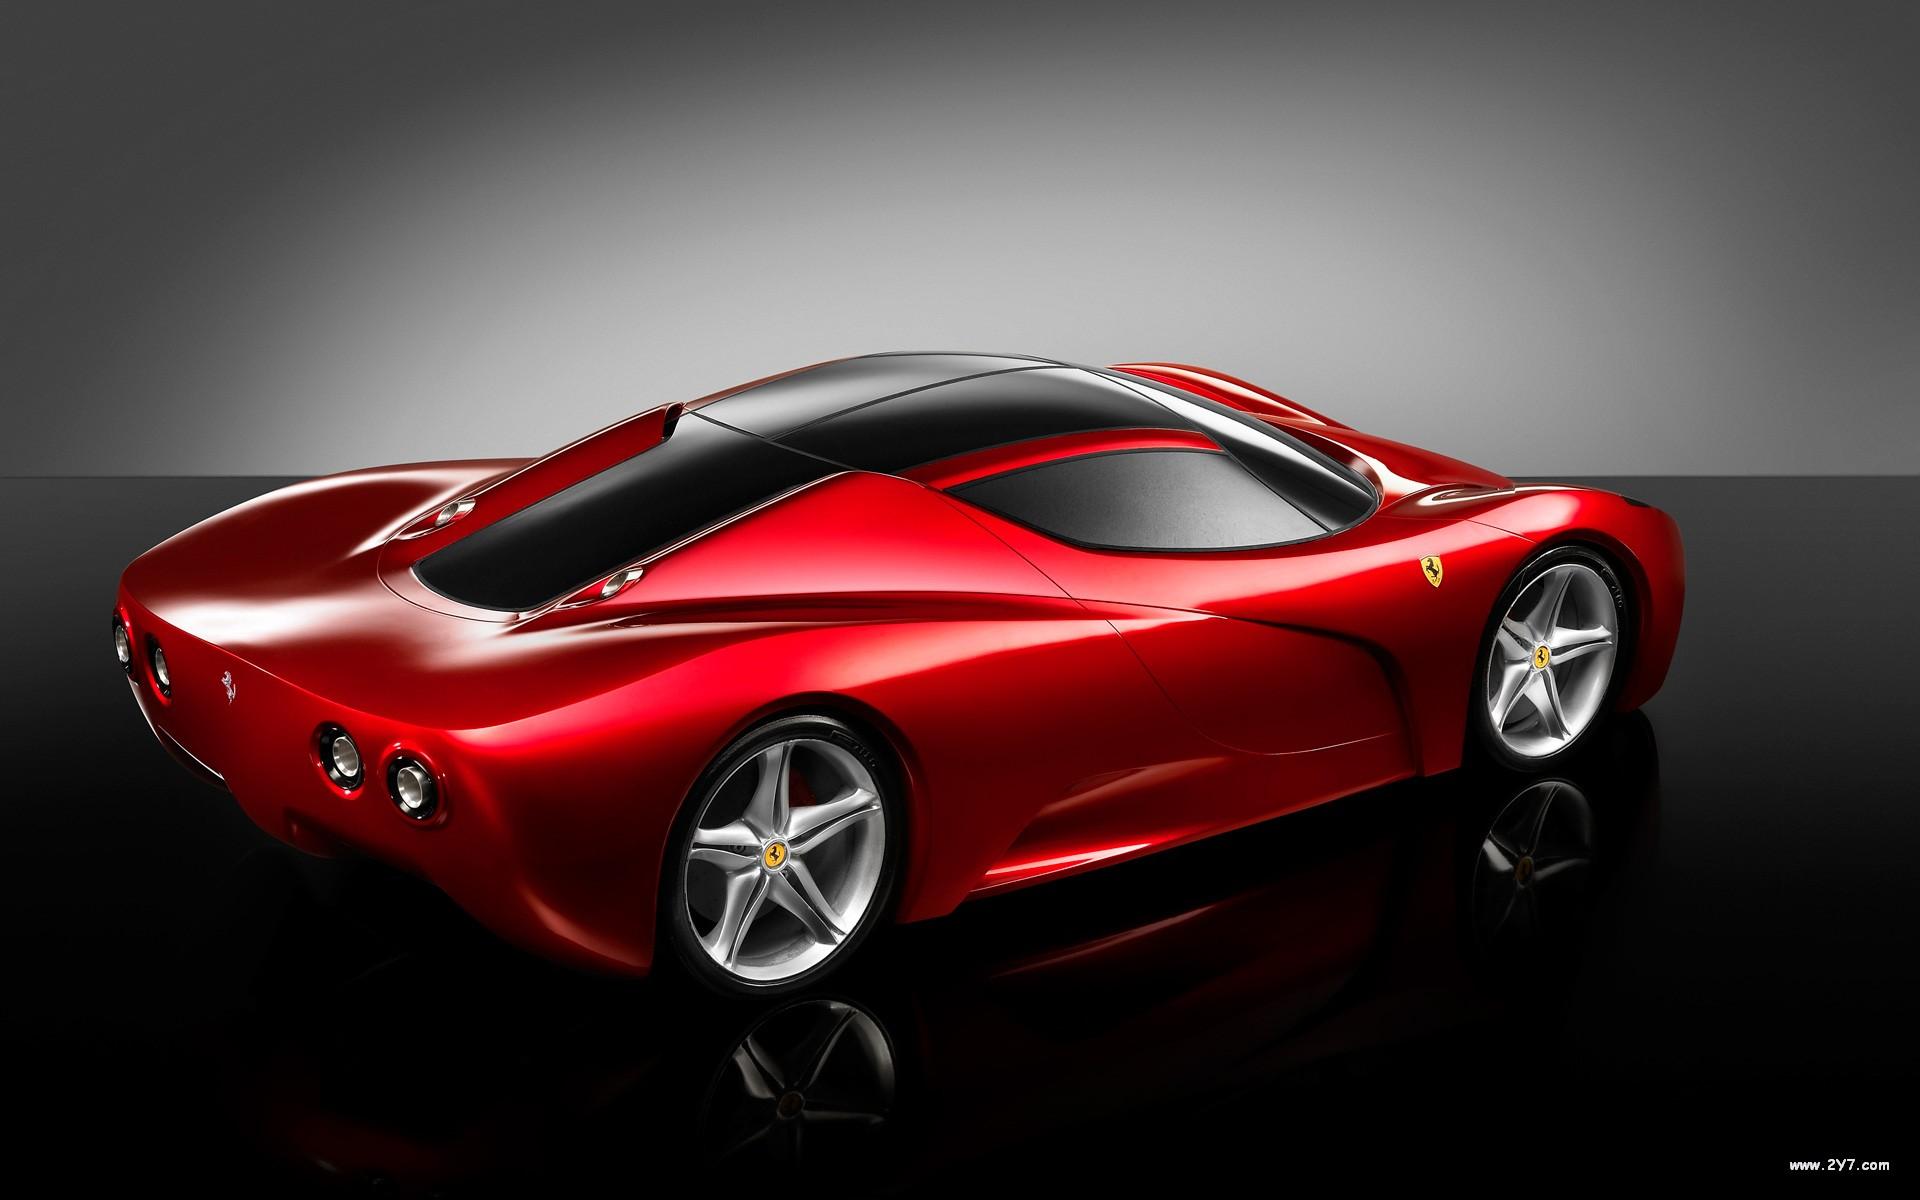 Ferrari concept car hd wide screen wallpaper 1080p 2k 4k - Future cars hd wallpapers ...